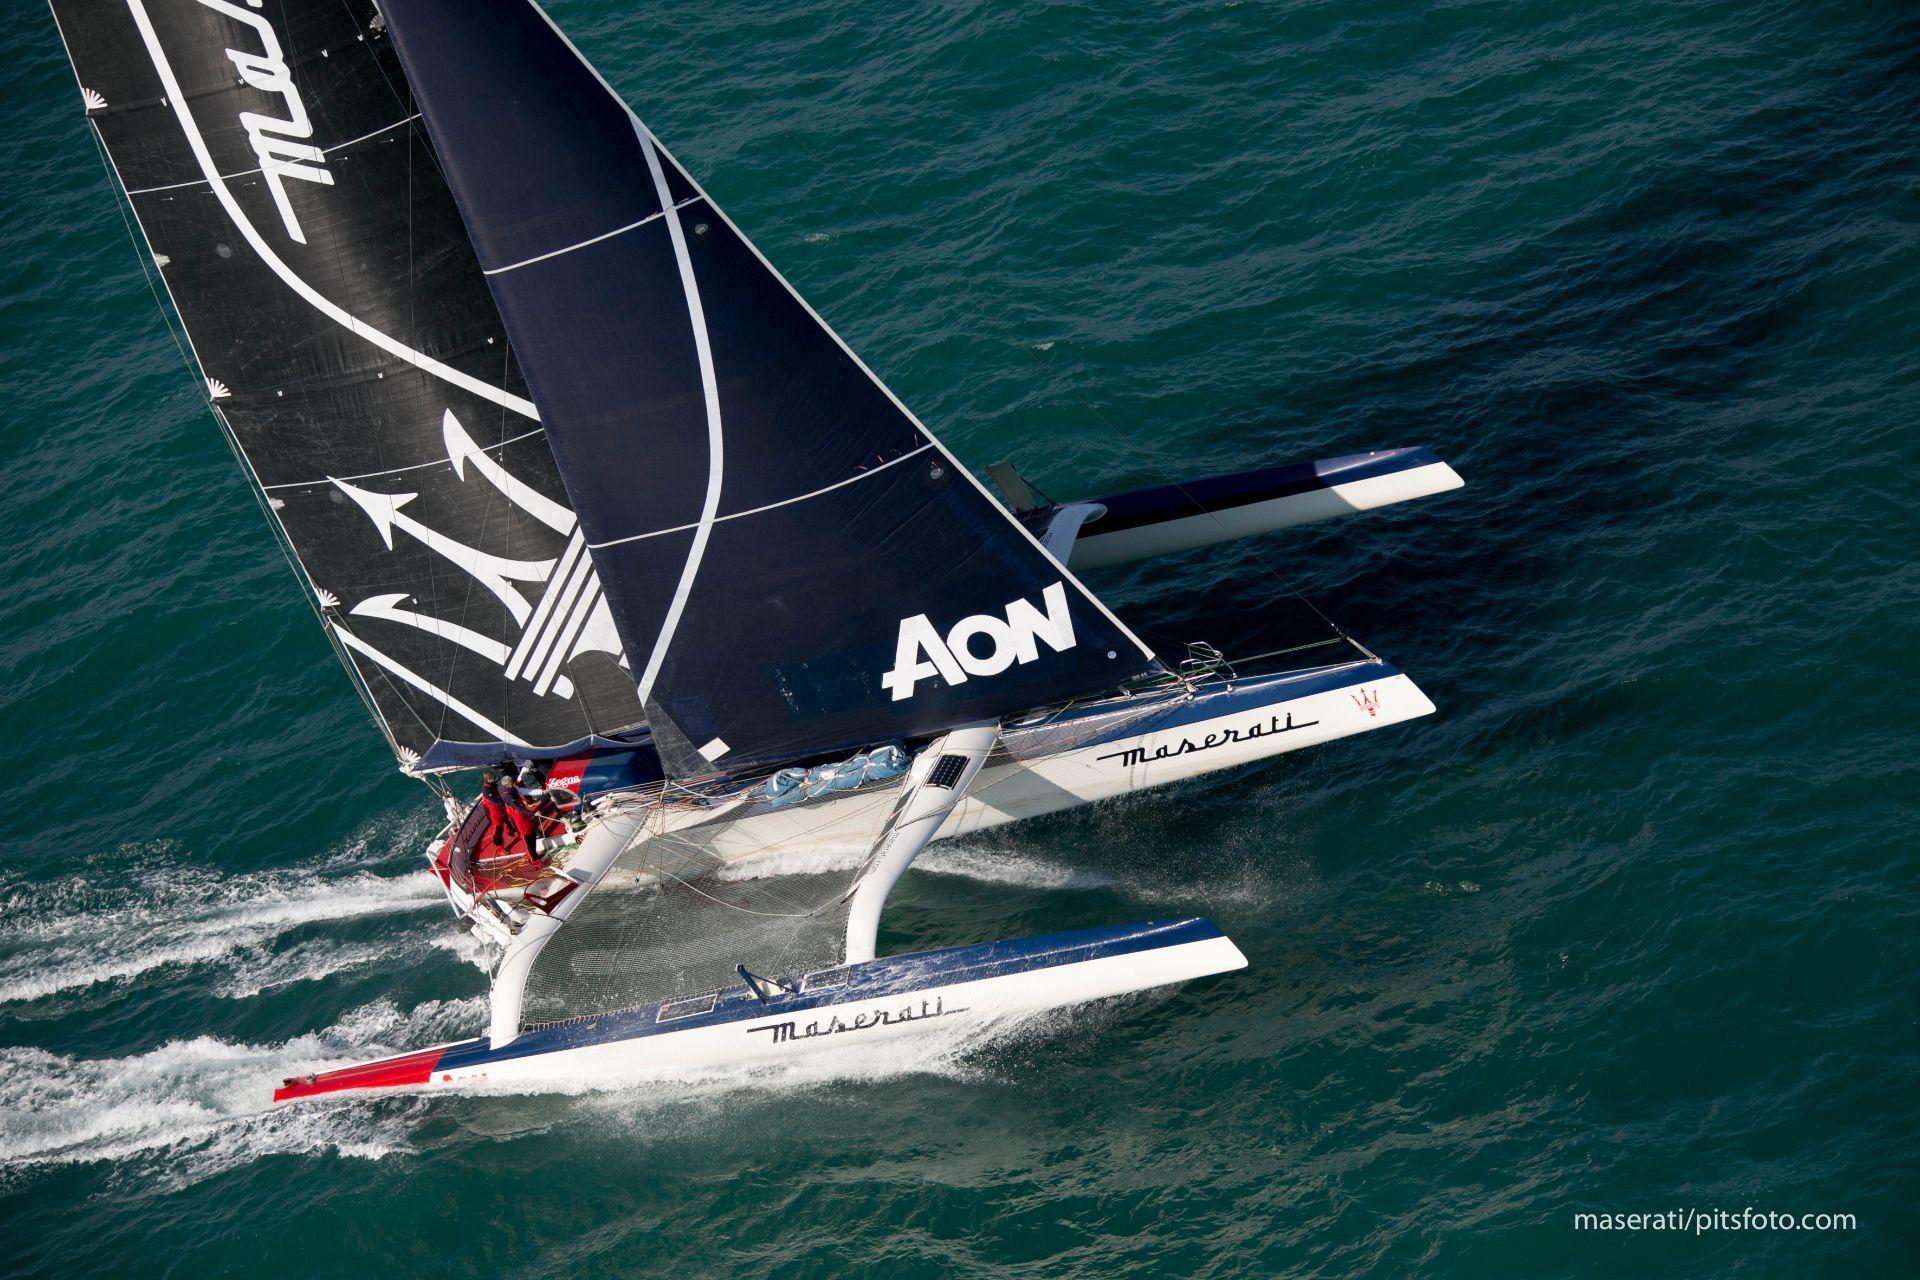 Giovanni Soldini y el equipo Maserati Multi 70 ya zarparon para conquistar el récord en la ruta Hong Kong-Londres